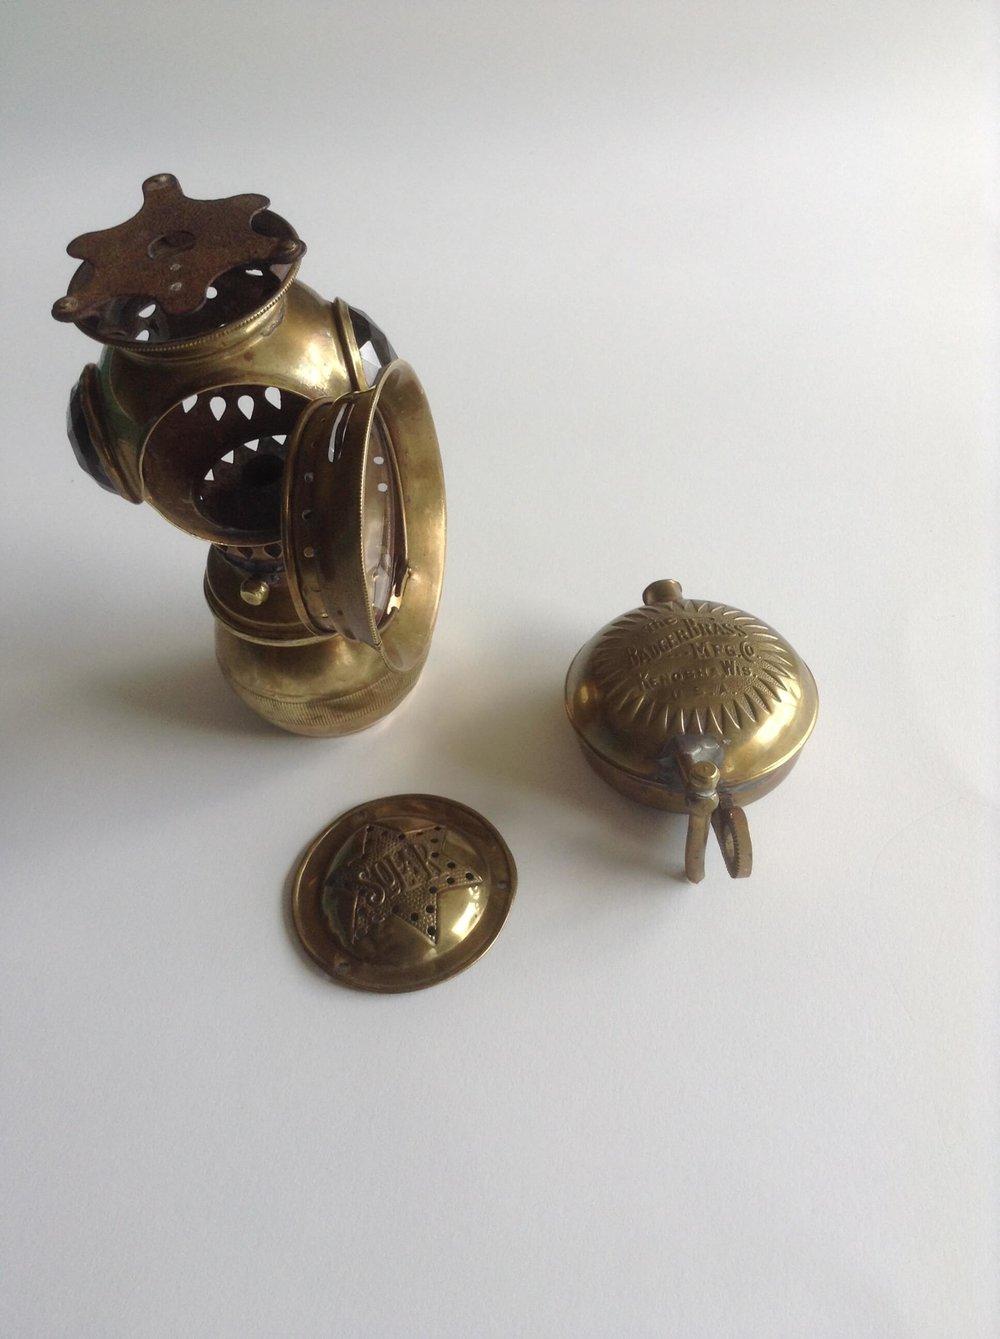 Original acetylene lamp